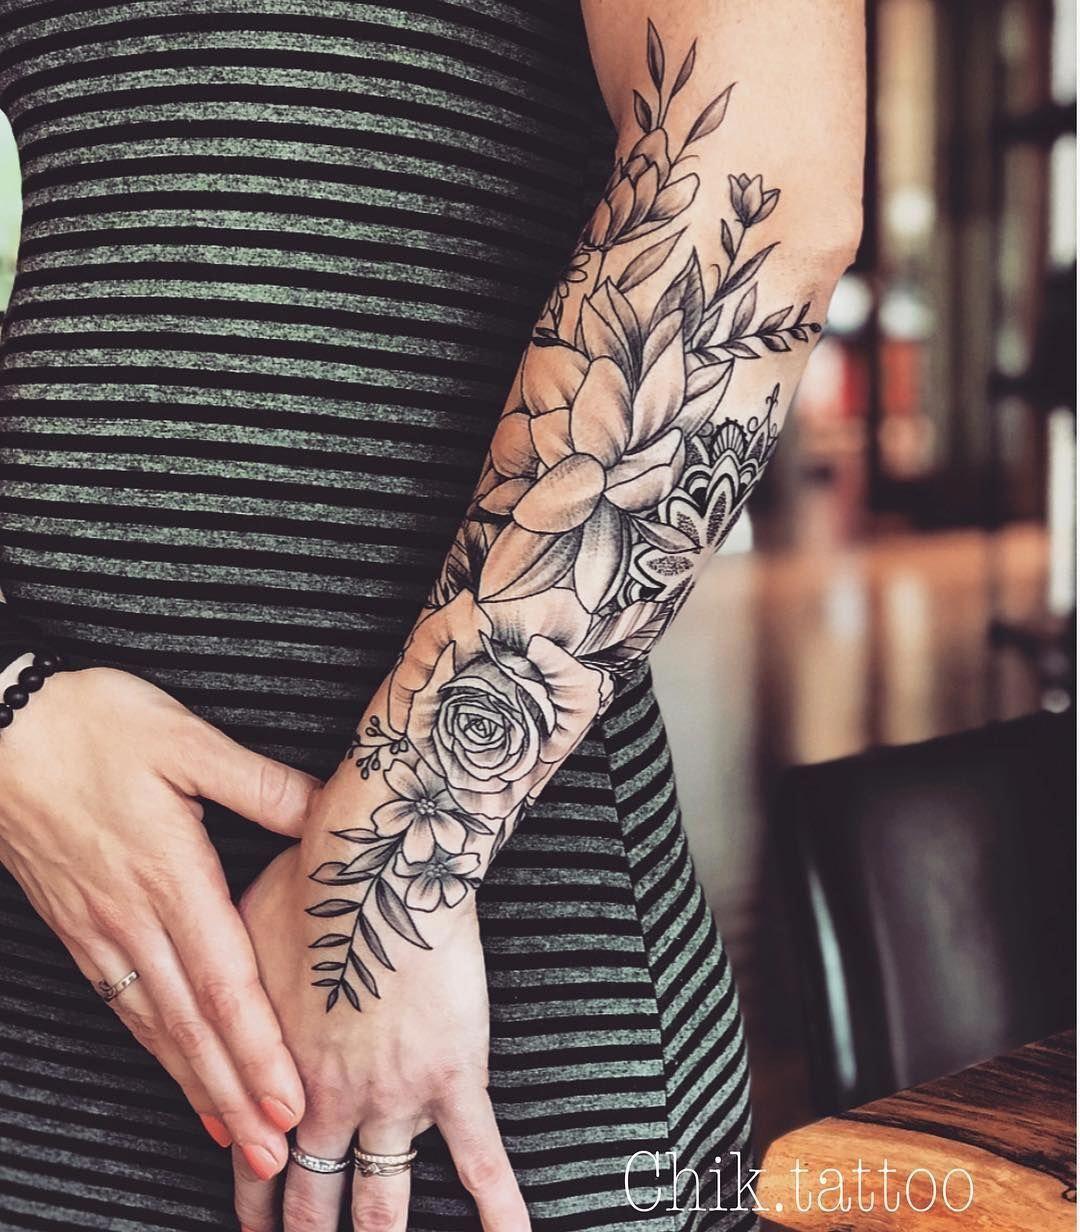 Half Sleeve Tattoos Lower Arm Halfsleevetattoos Tattoos Tattoo Designs Sleeve Tattoos For Women